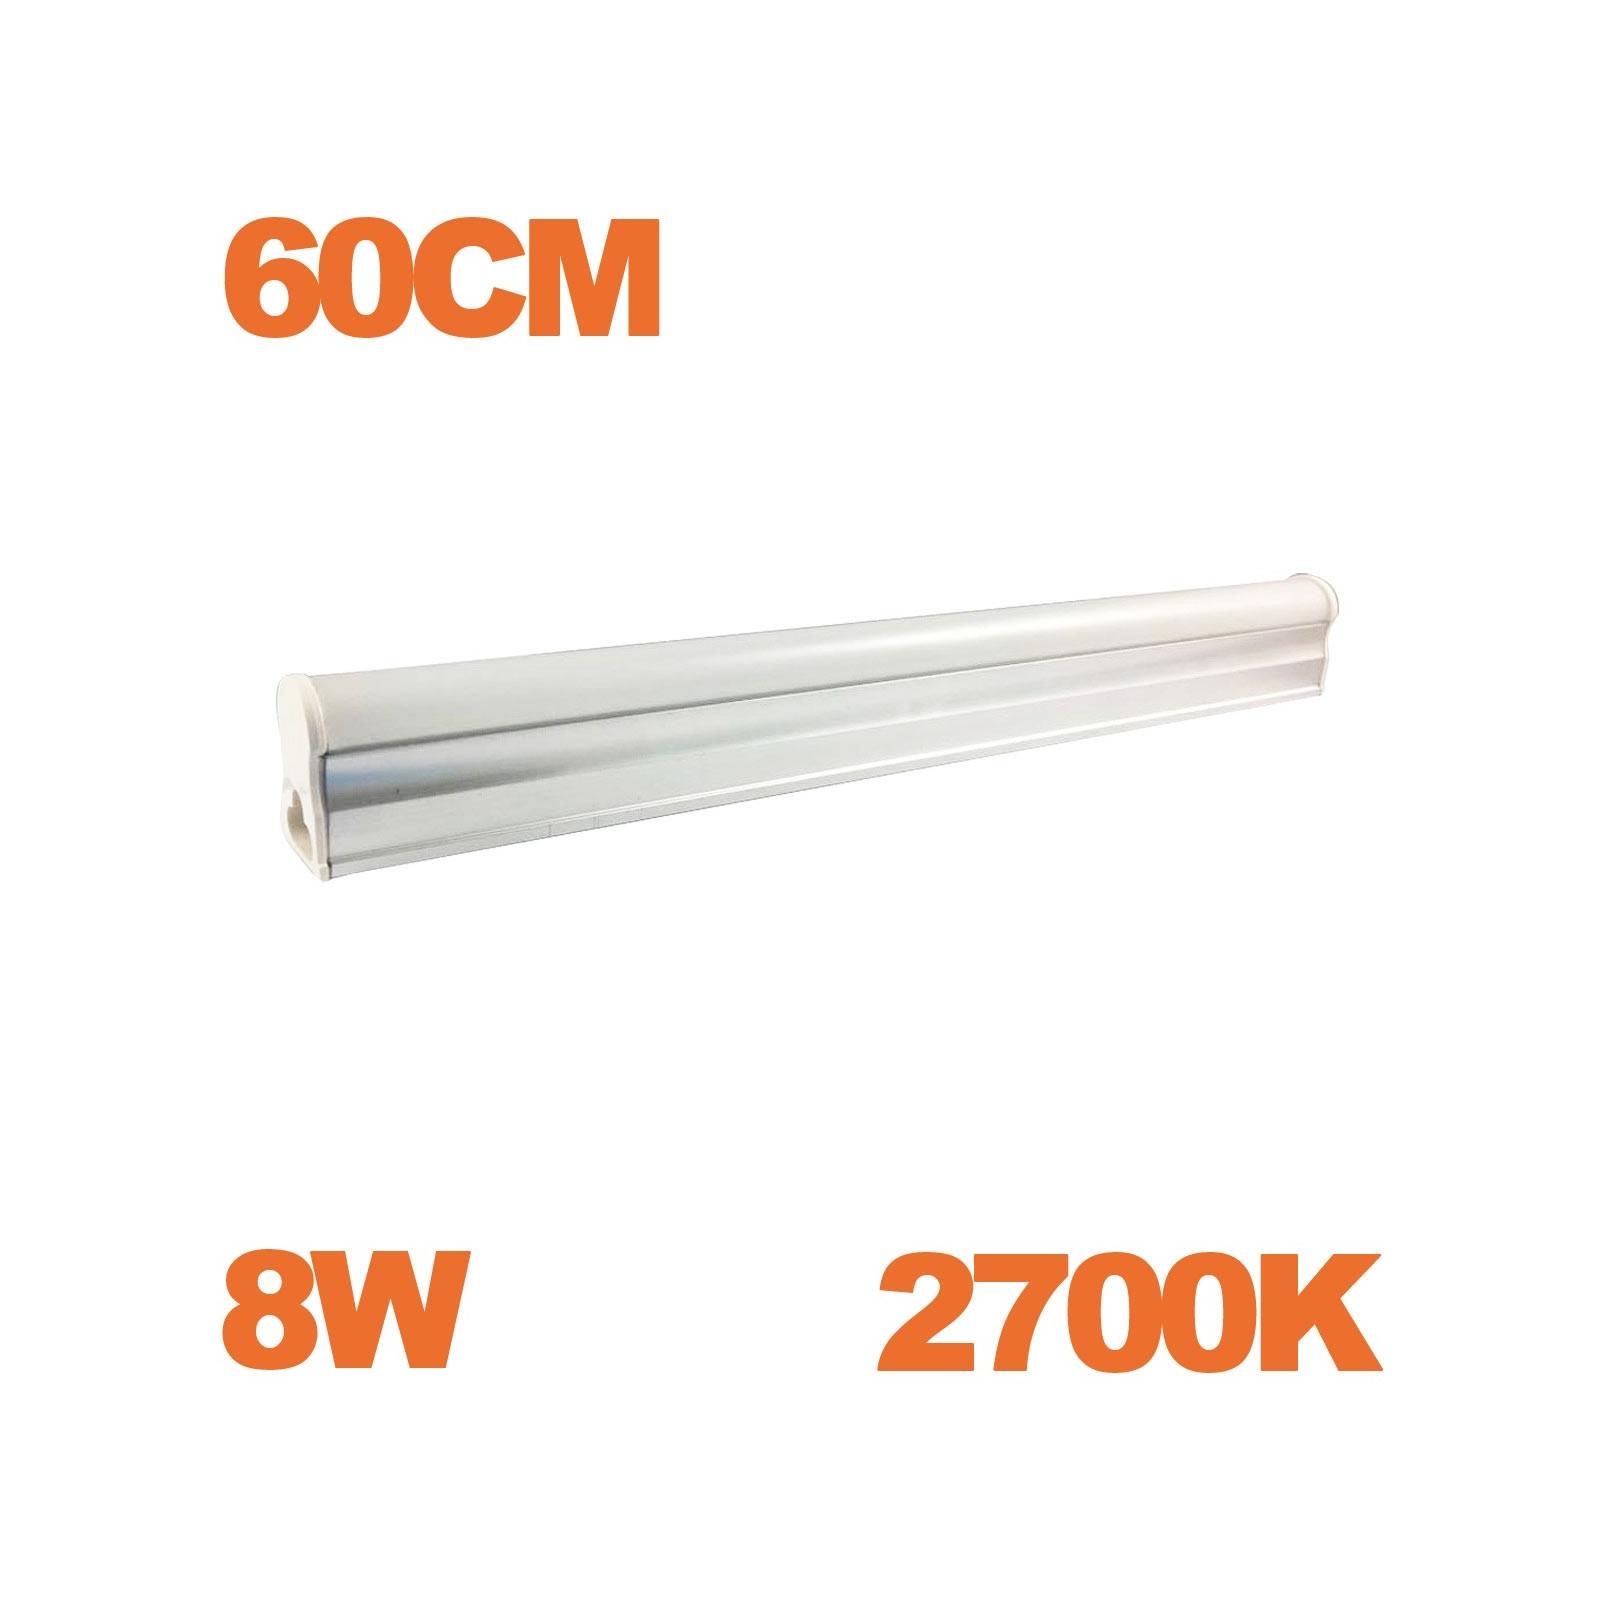 Tube LED T5 Puissance 8W Longueur 60cm Blanc Froid 6000K